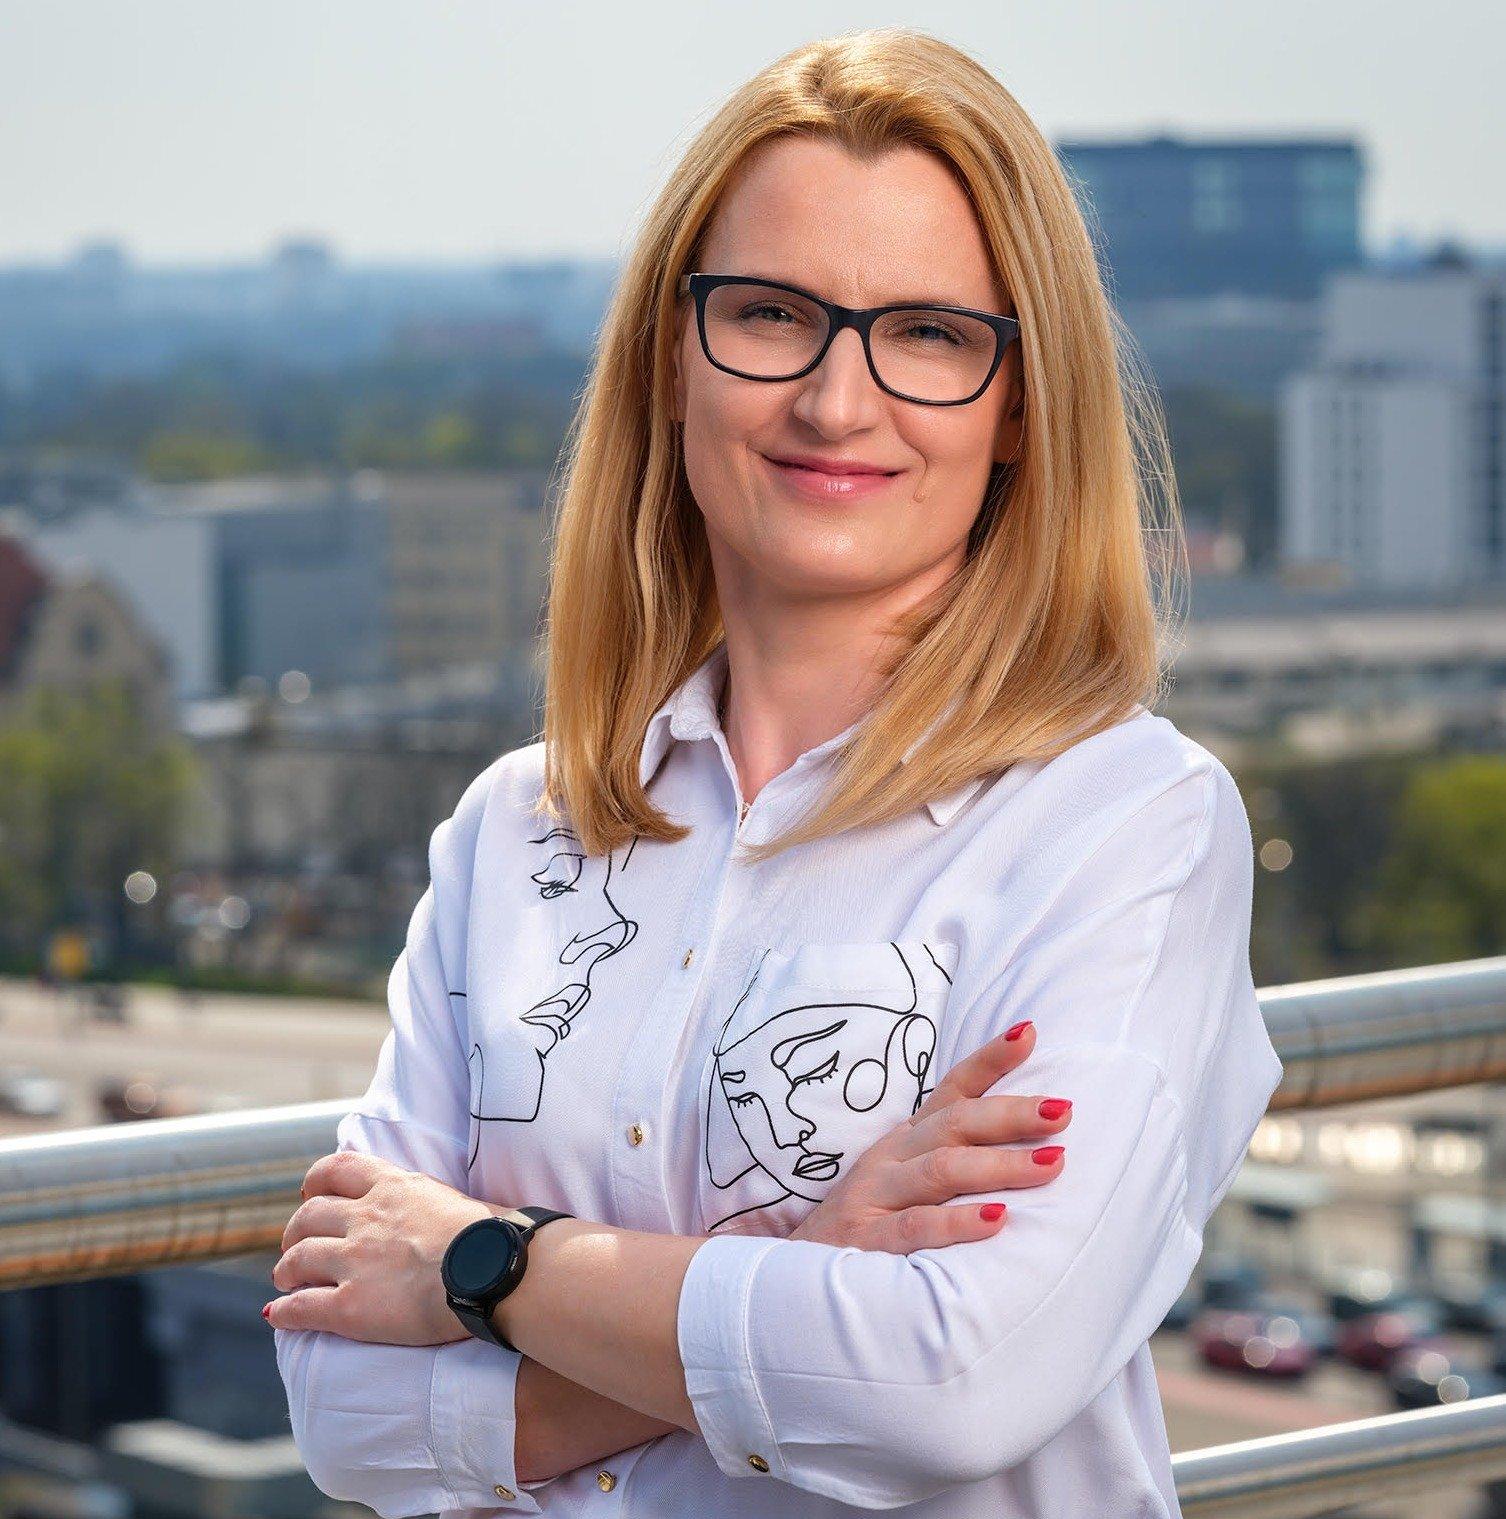 Daria Miszczyk